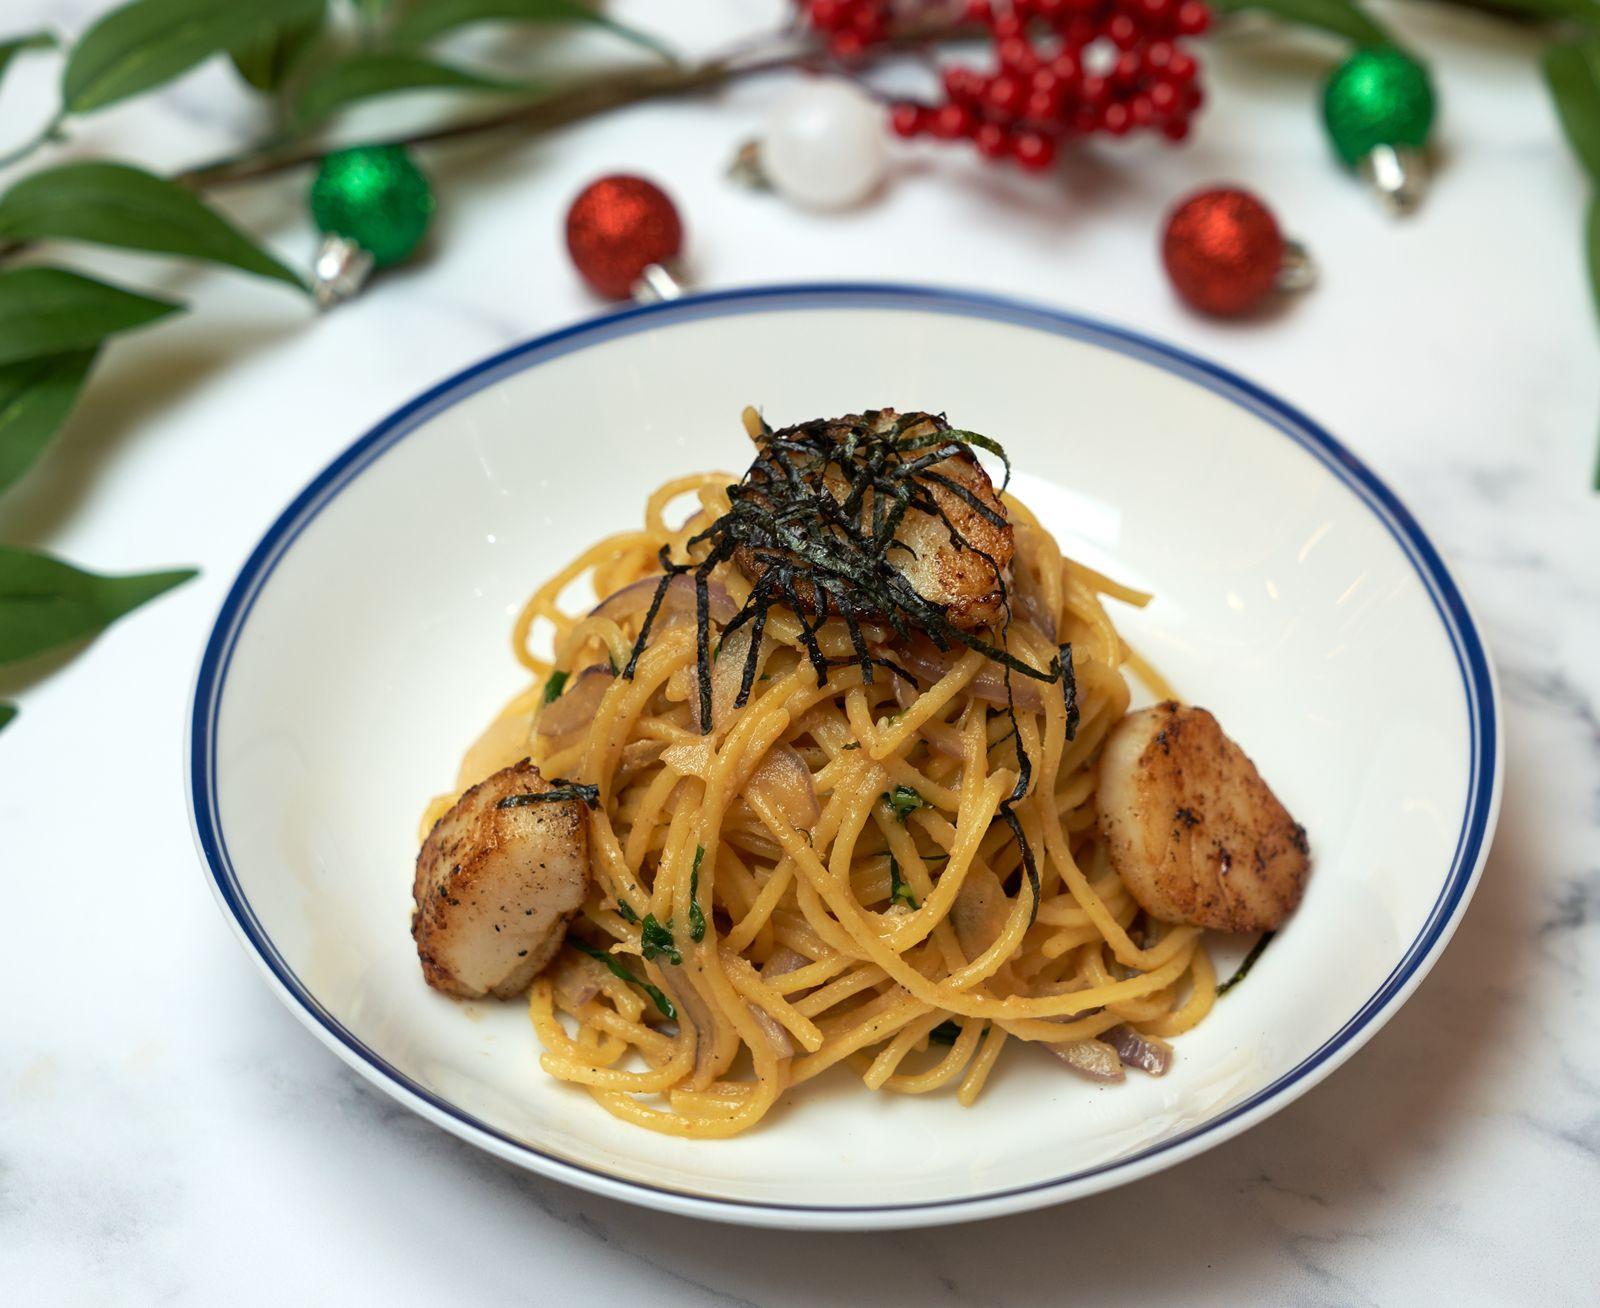 Casa Barilla Introduces Delicious Spaghetti Scallops with Miso Butter and Cauliflower Pizza